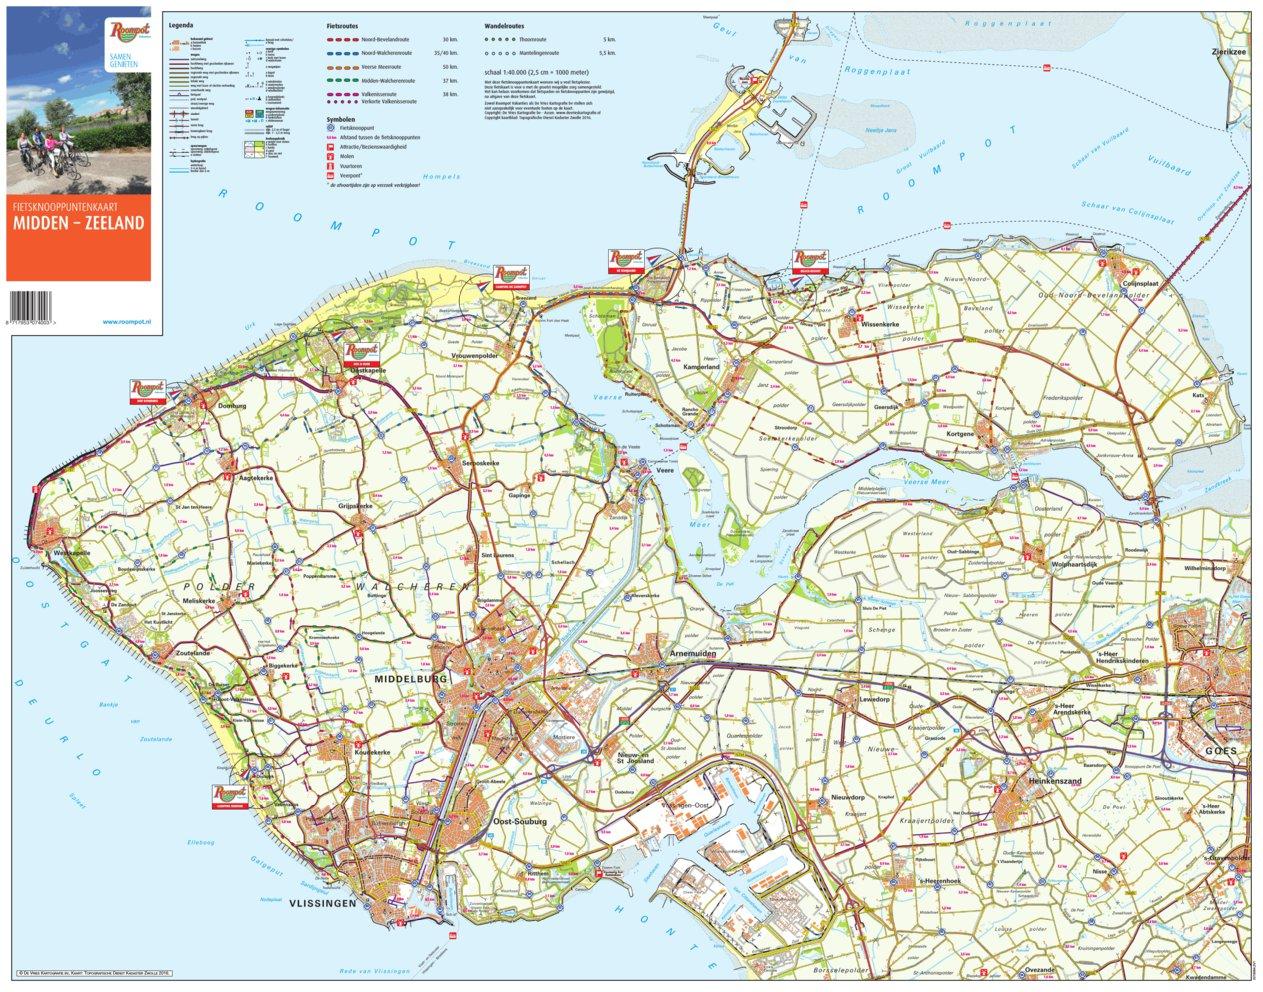 Roompot fietsknooppuntenkaart Midden-Zeeland-2017-geo - De ... on map of drayton, map of flevoland, map of vassar, map of ray, map of dorr, map of drenthe, map of minnewaukan, map of dordrecht, map of randstad, map of holland, map of turtle lake, map of saranac, map of brabant, map of leonard, map of leeuwarden, map of arthur, map of schoolcraft, map of domburg, map of ostergotland, map of big rapids,